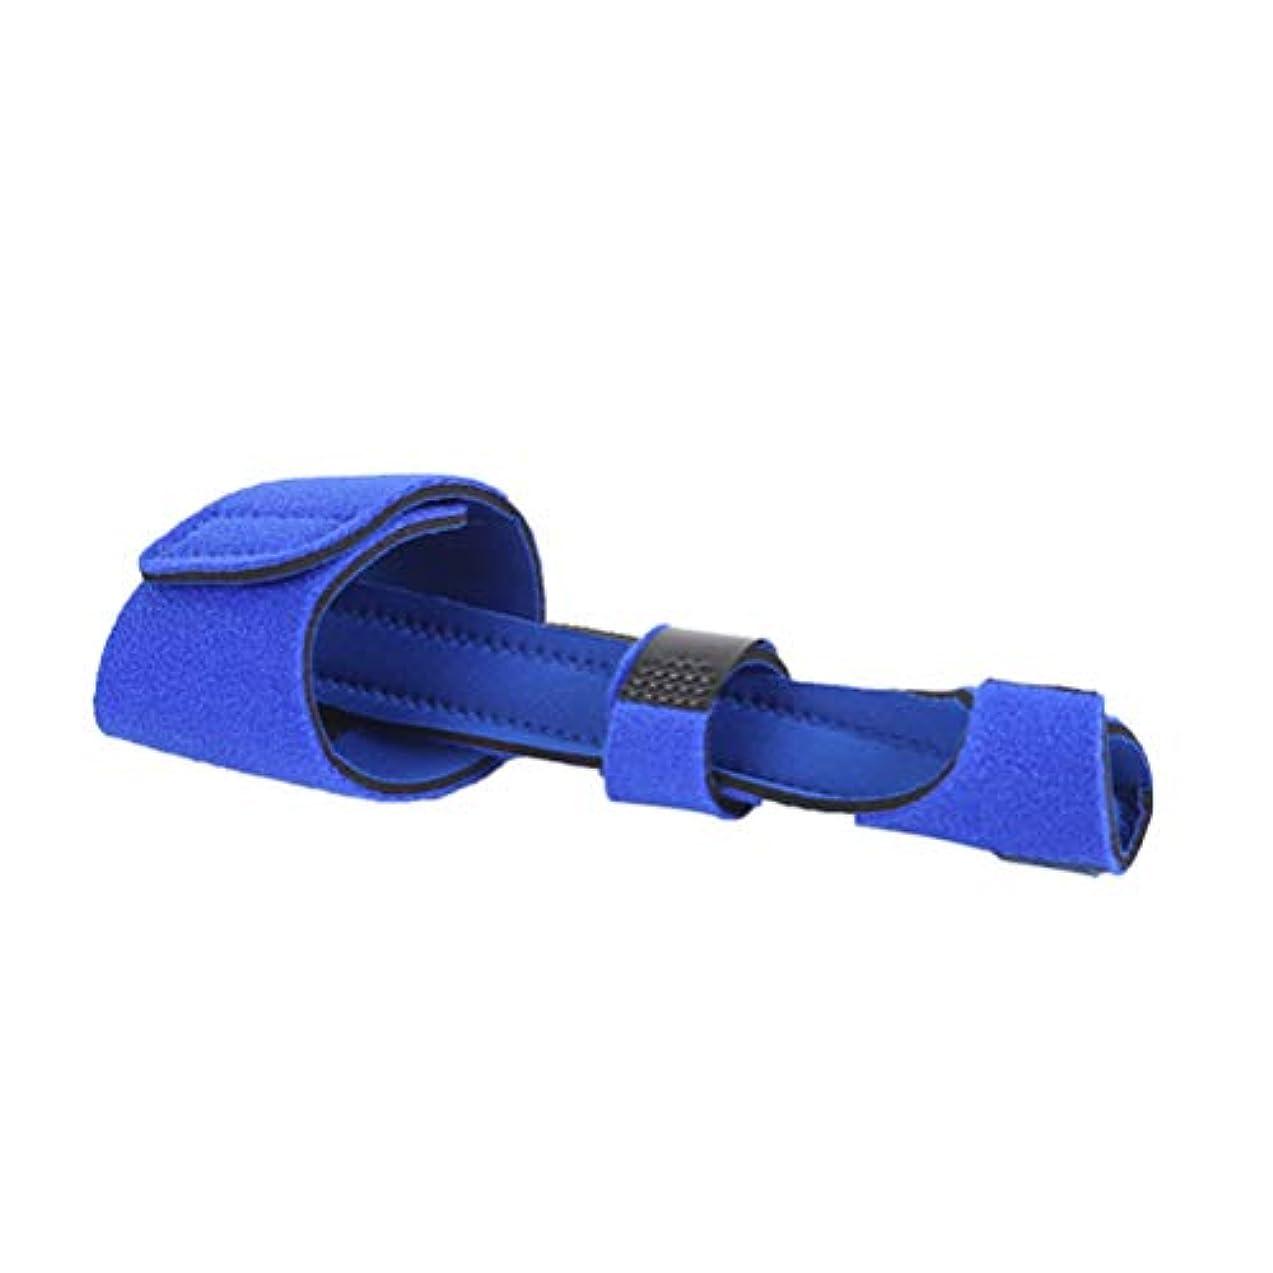 コロニーグリーンランドに賛成SUPVOX 指サポートアルミニウム製アジャスタブル固定ベルトフィンガー関節炎(ブルー)